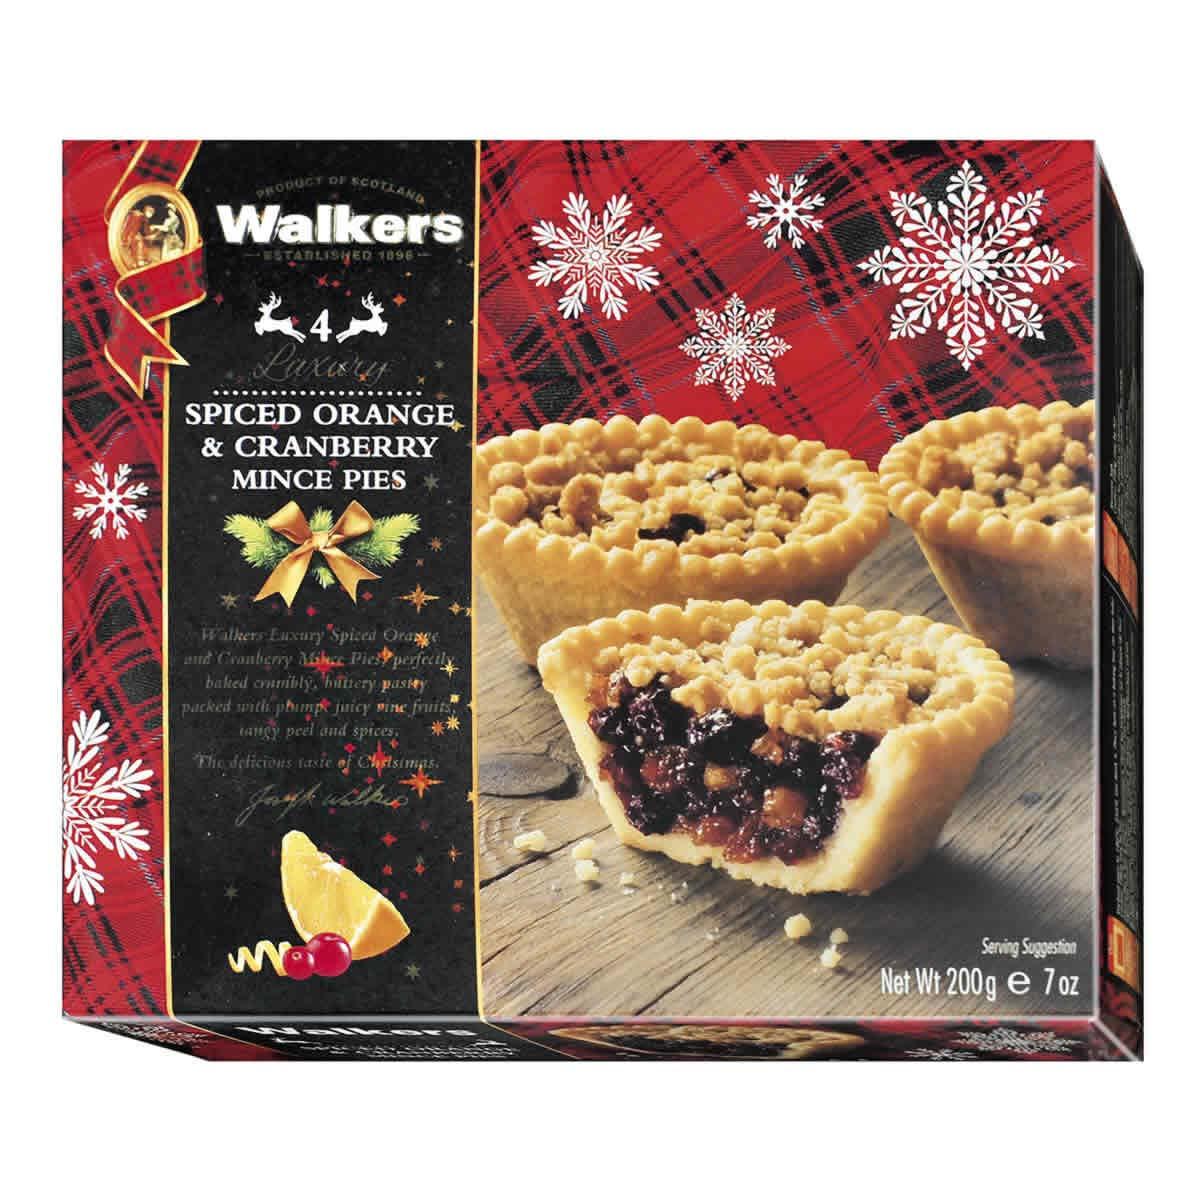 Top Food Feinkost - Walkers Shortbread Ltd. Luxury Spiced Orange & Cranberry  Mince Pies 200g |Kleine Gewürzkuchen mit kandierter Orange und Cranberries